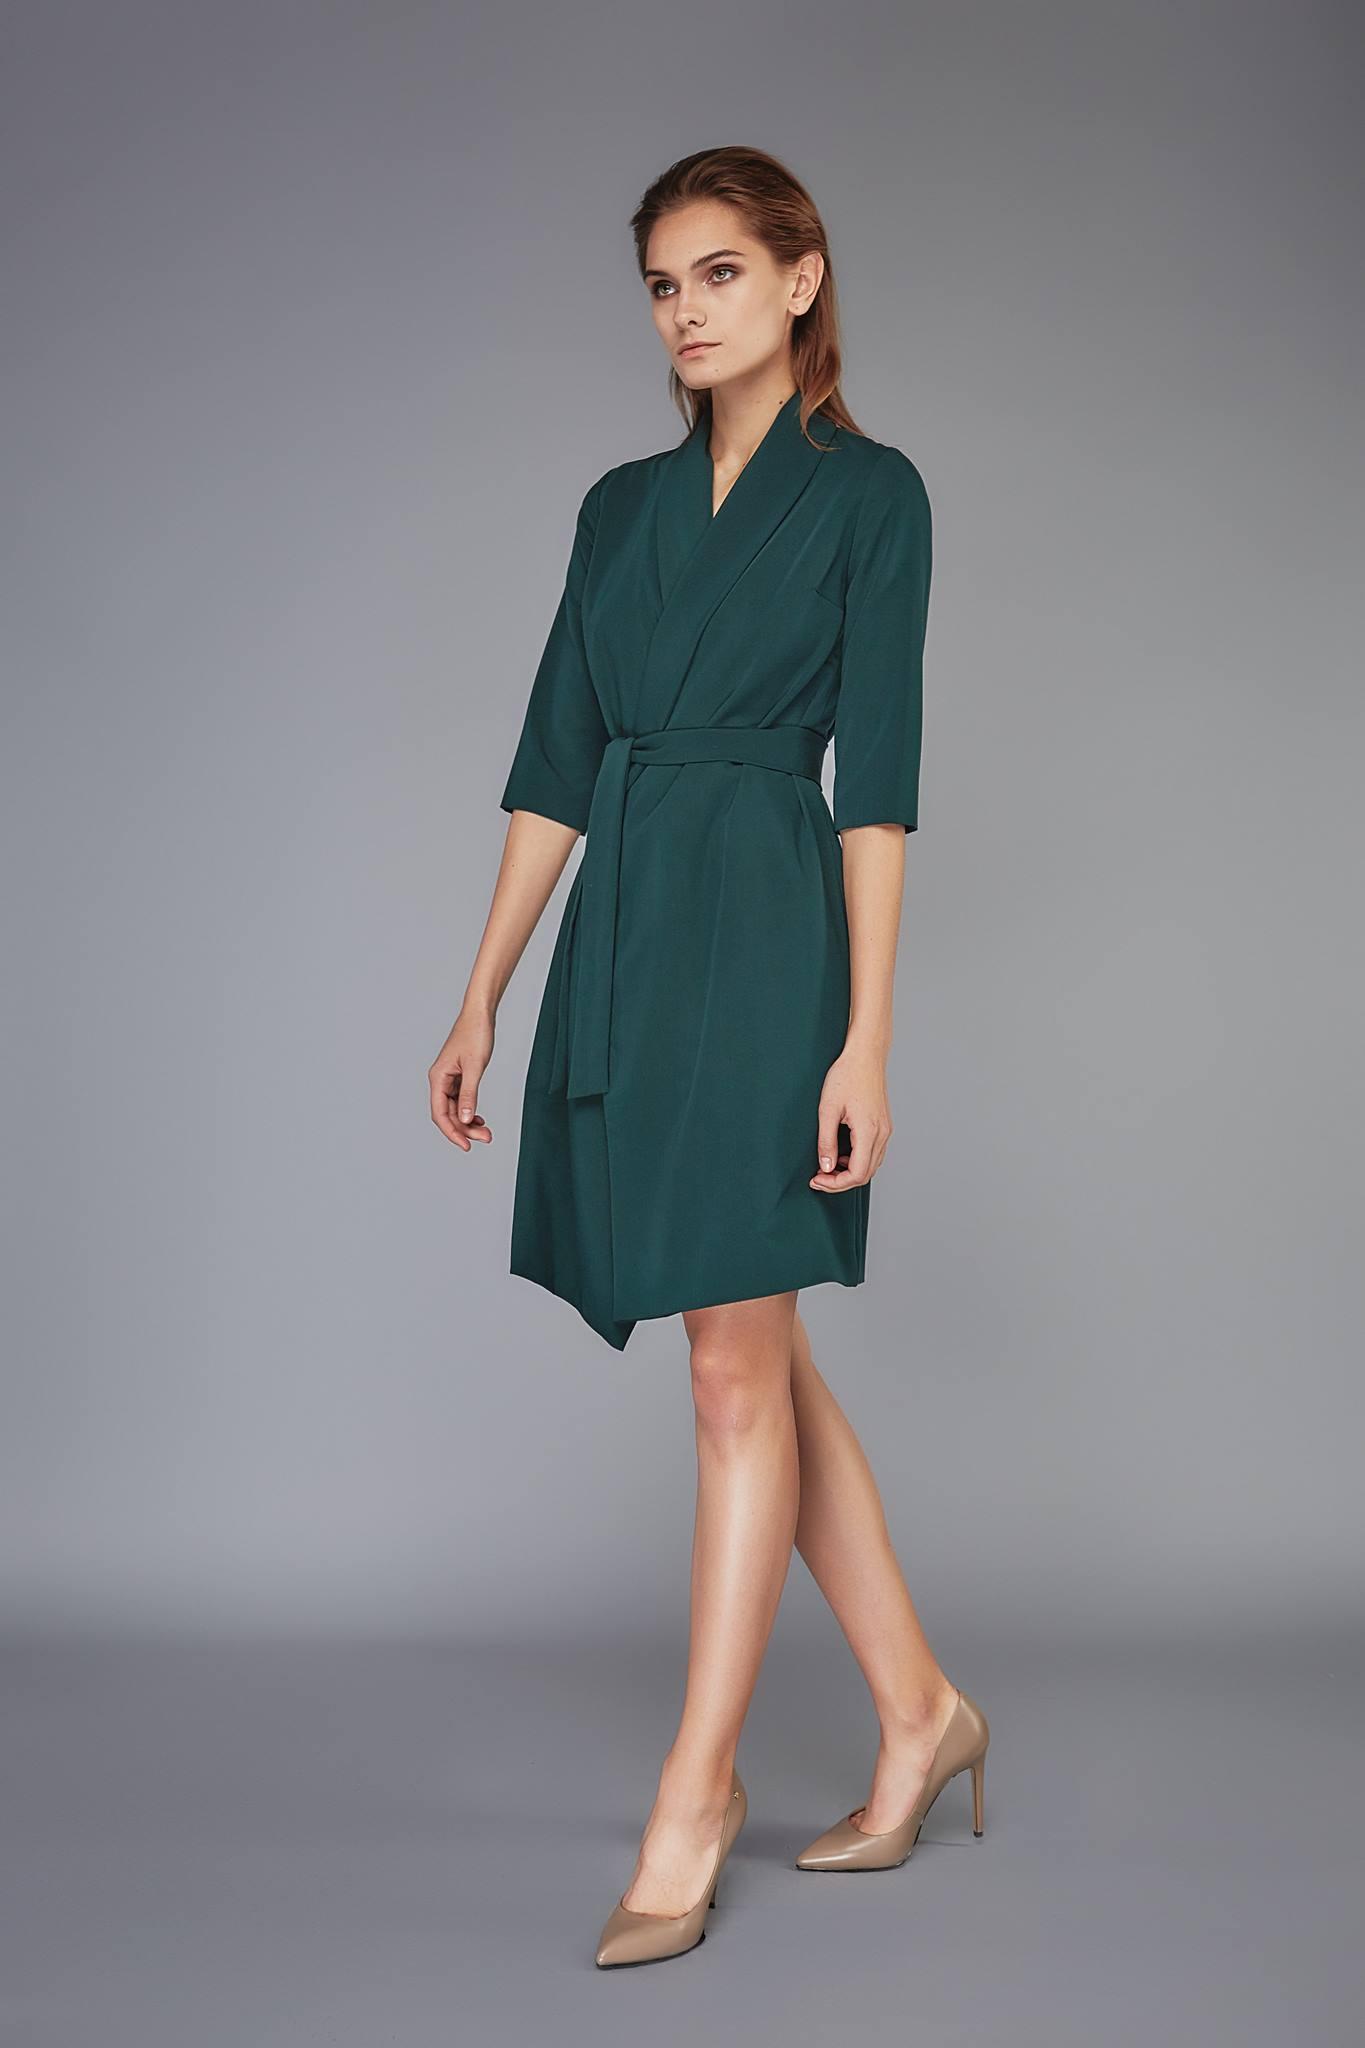 платье халат цвет зеленый